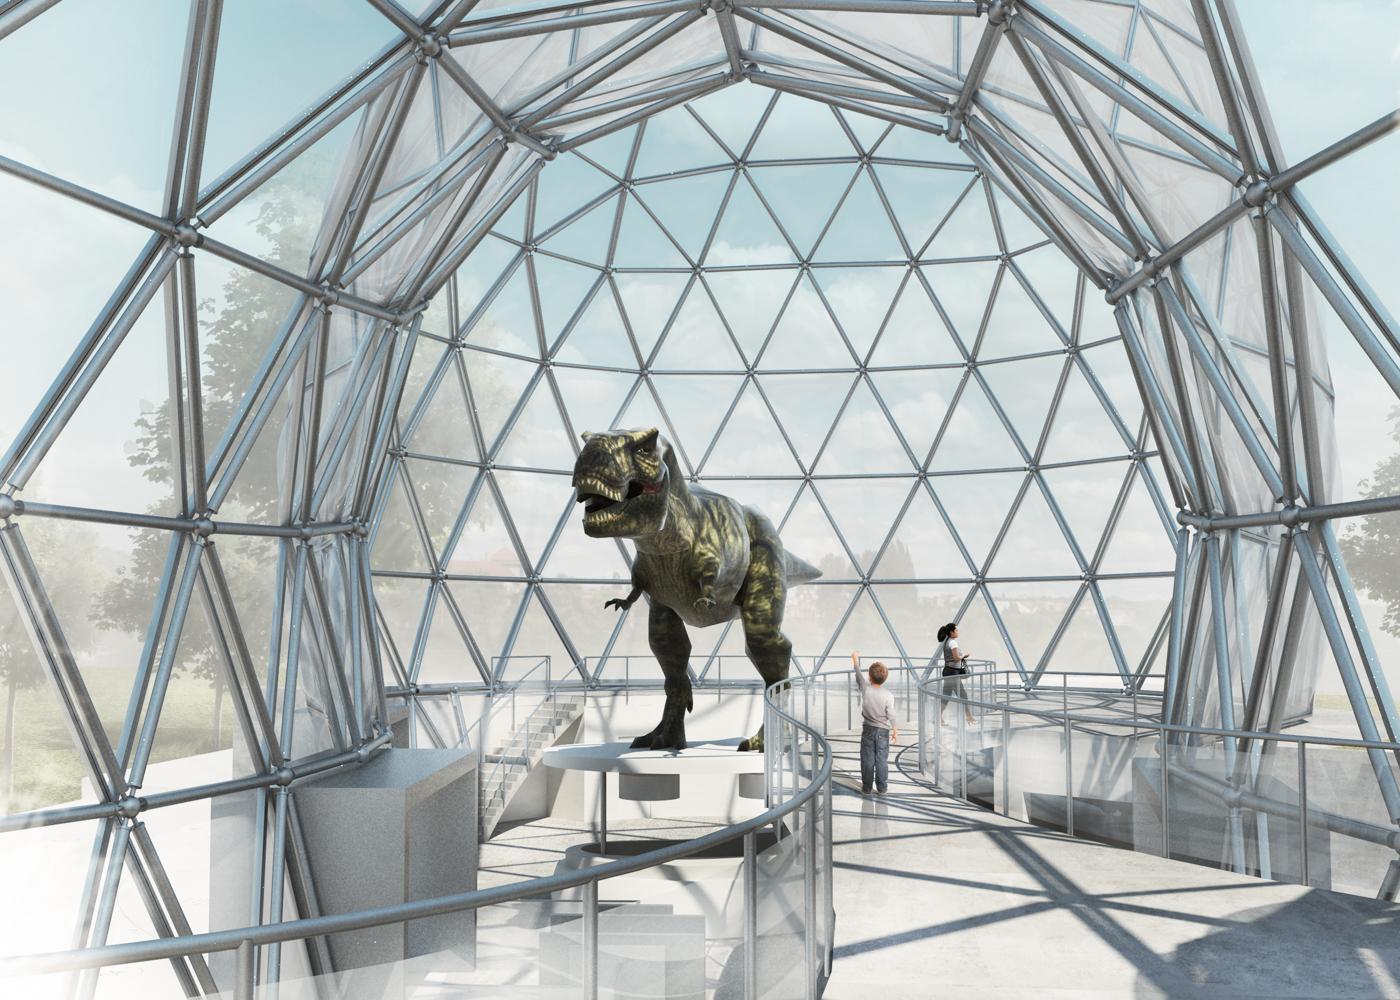 WettbWettbewerb Visualisierung Mitoseum Innenperspektive auf Dinosaurier